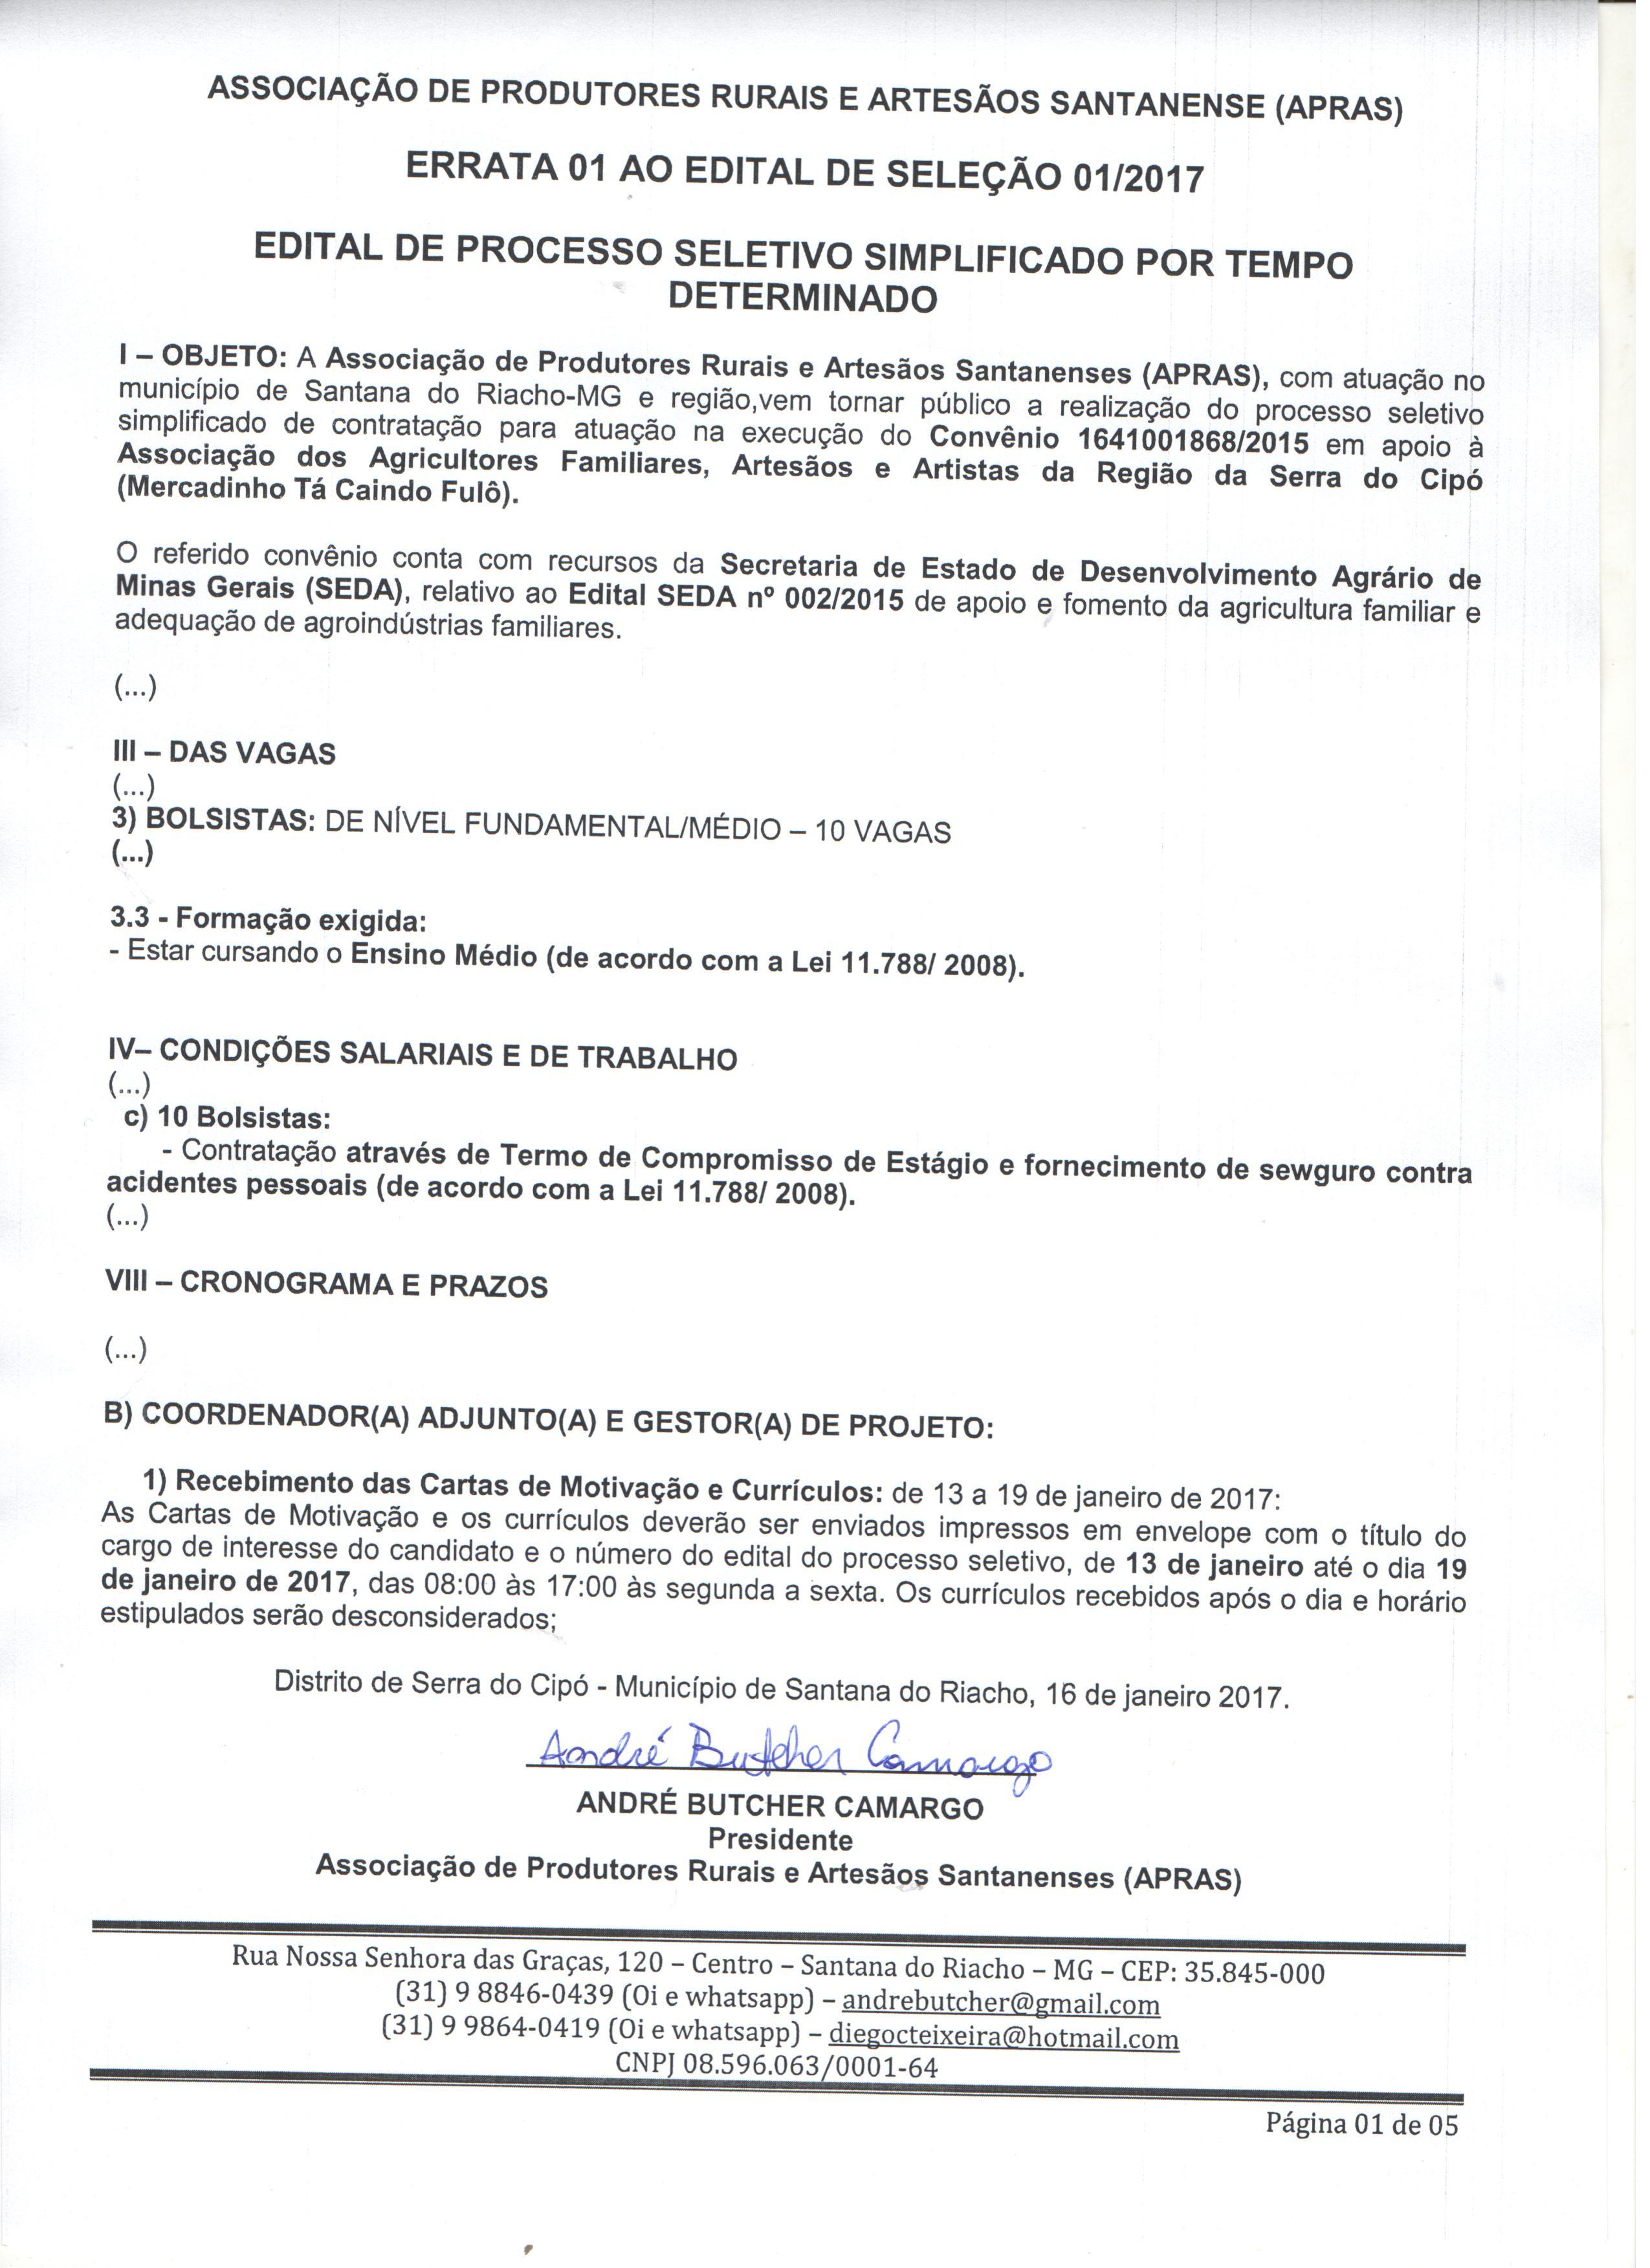 ERRATA 01 AO EDITAL DE SELEÇÃO 01 2017  2e340ae30530c